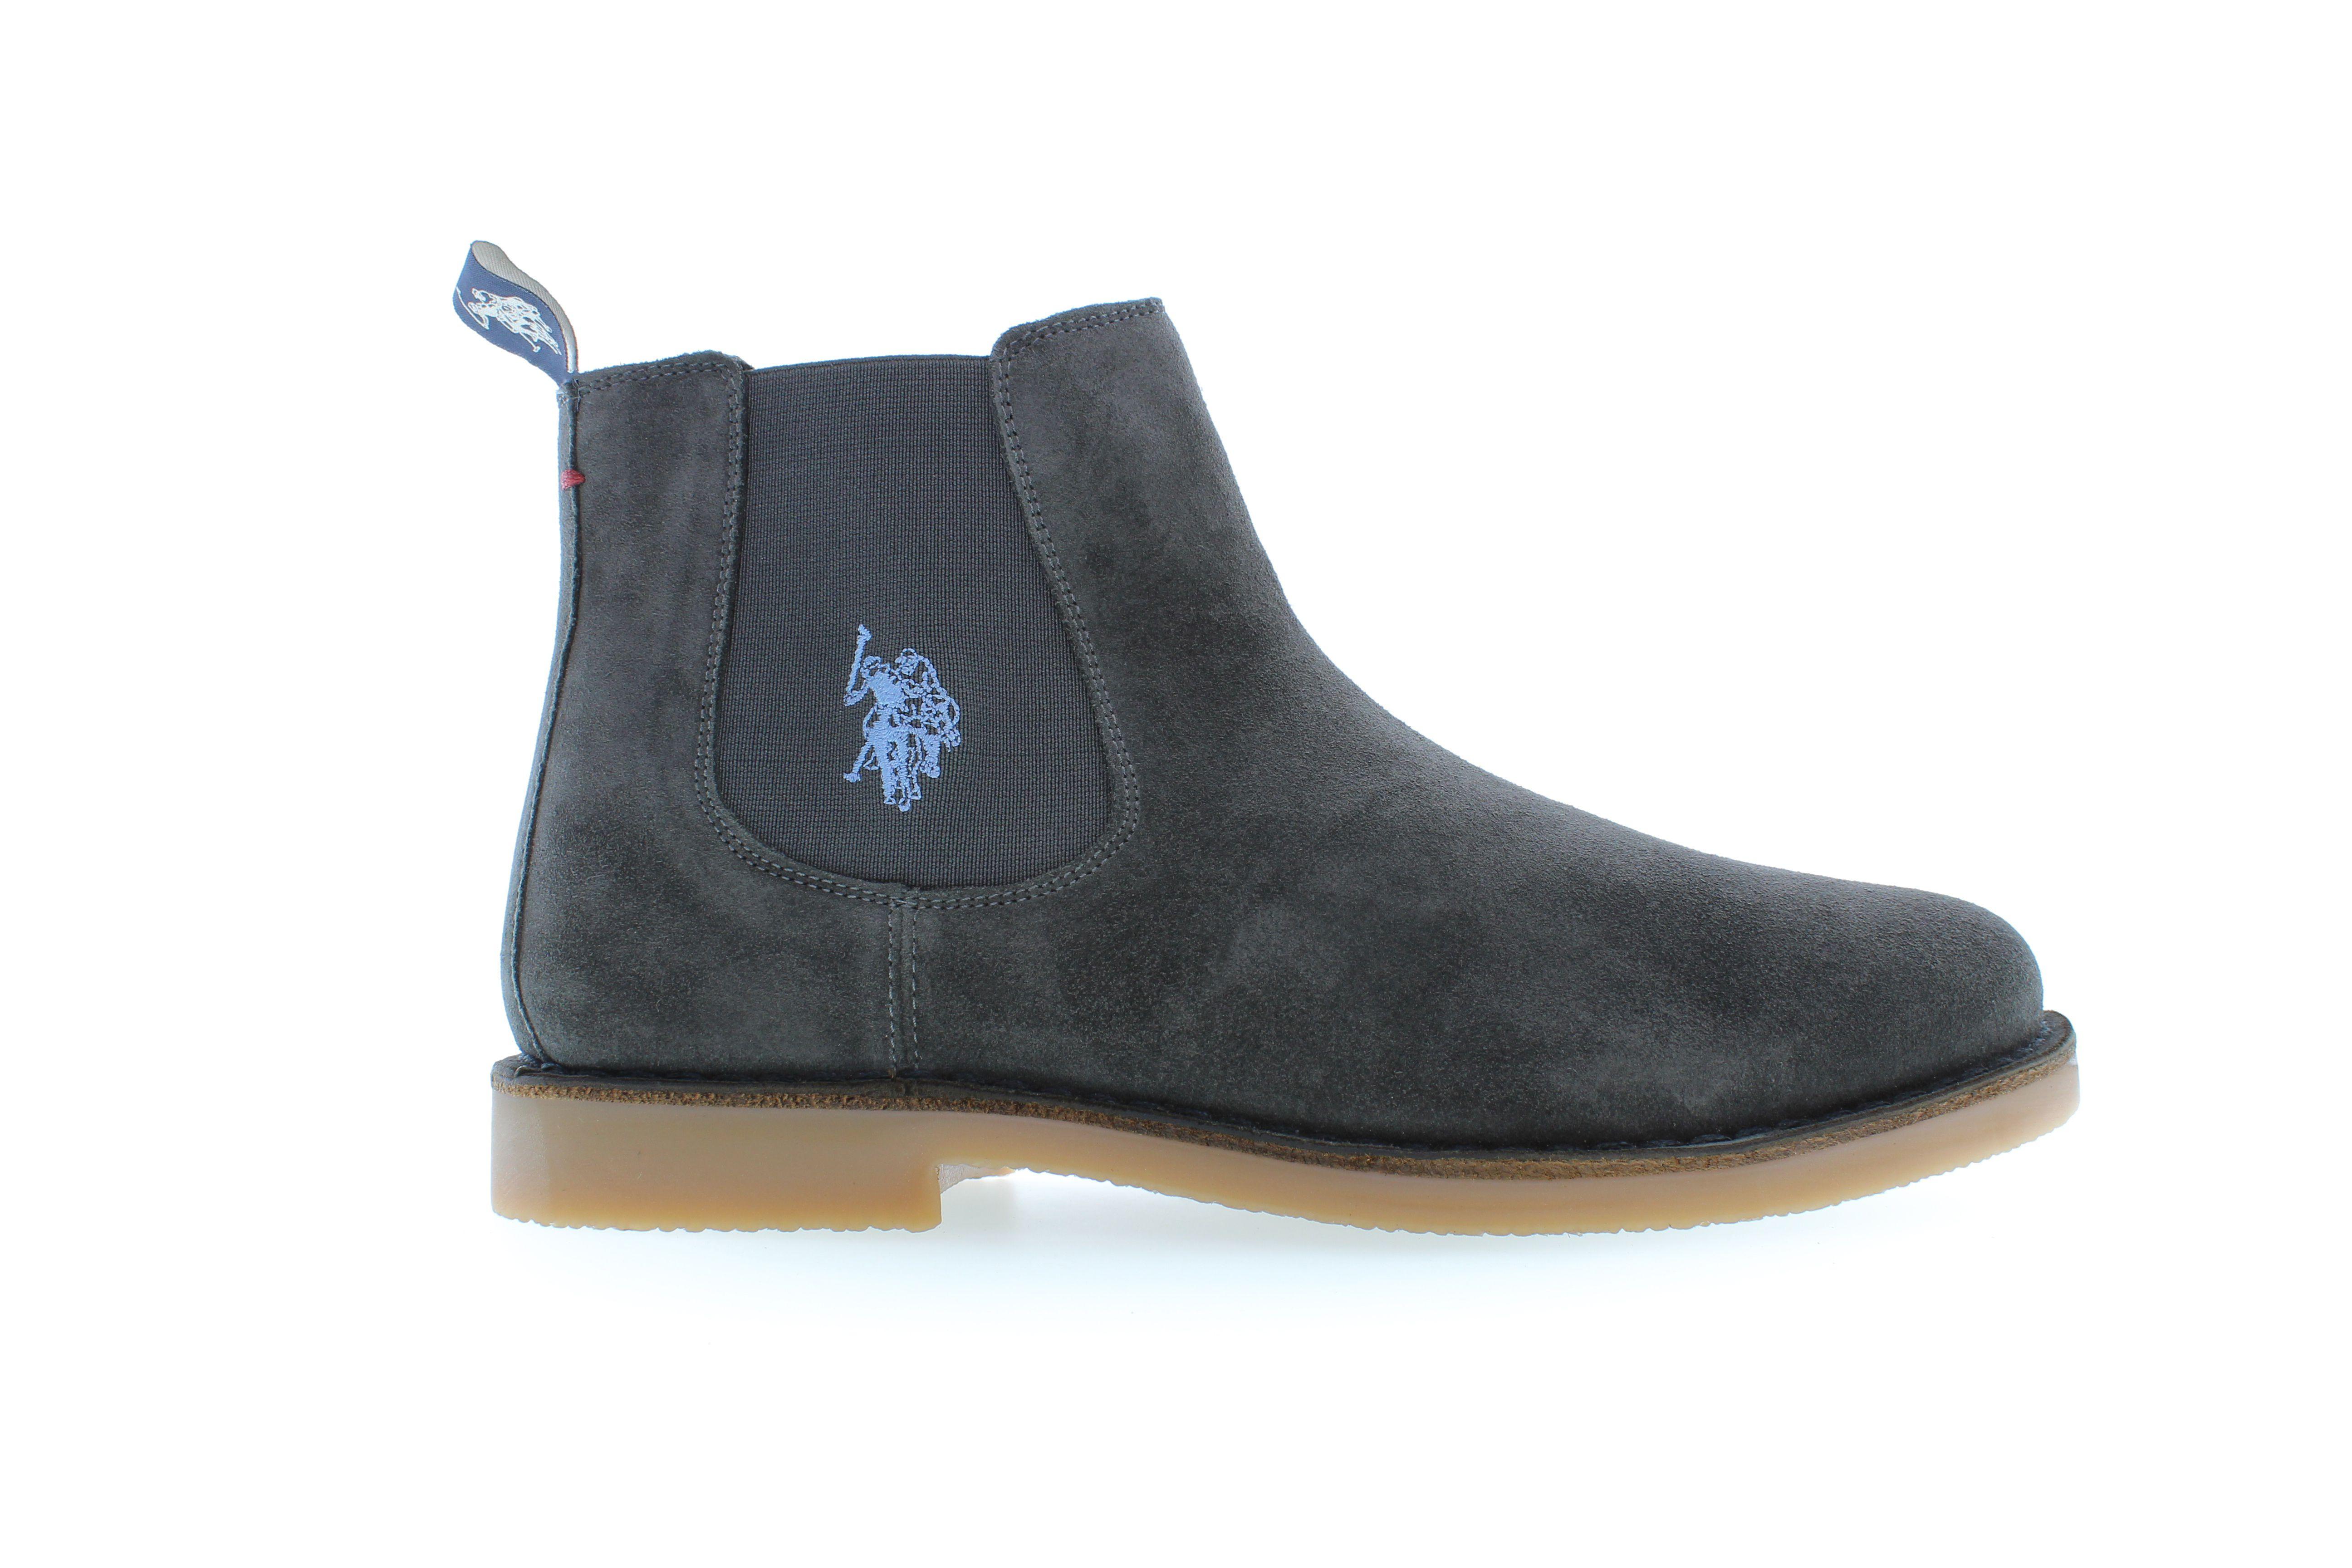 Enea | Stivaletti Chelsea Boots Scamosciati Blu | Fratelli Rossi